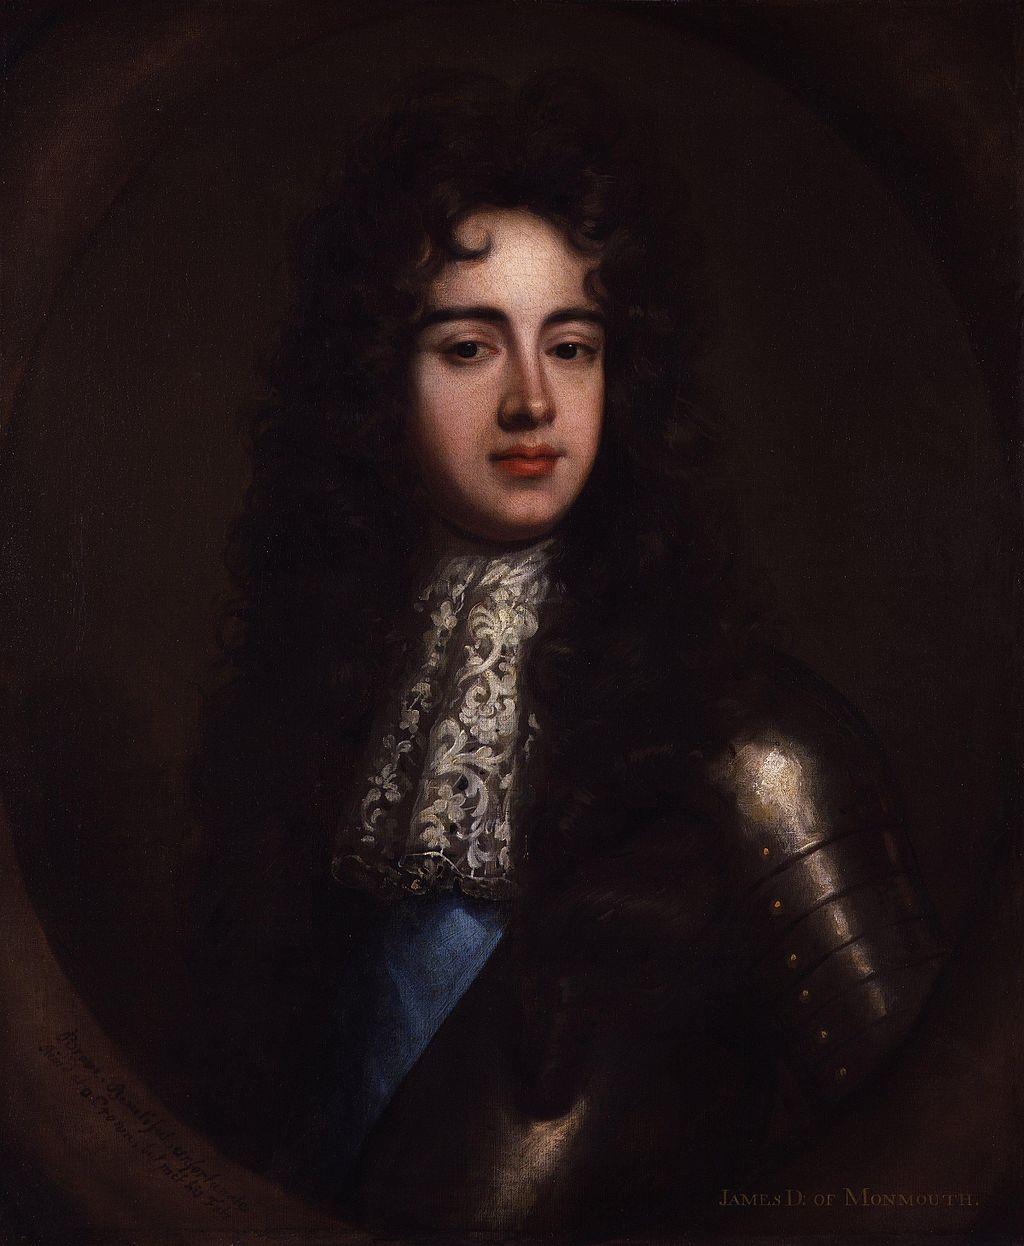 James, Duke of Monmouth